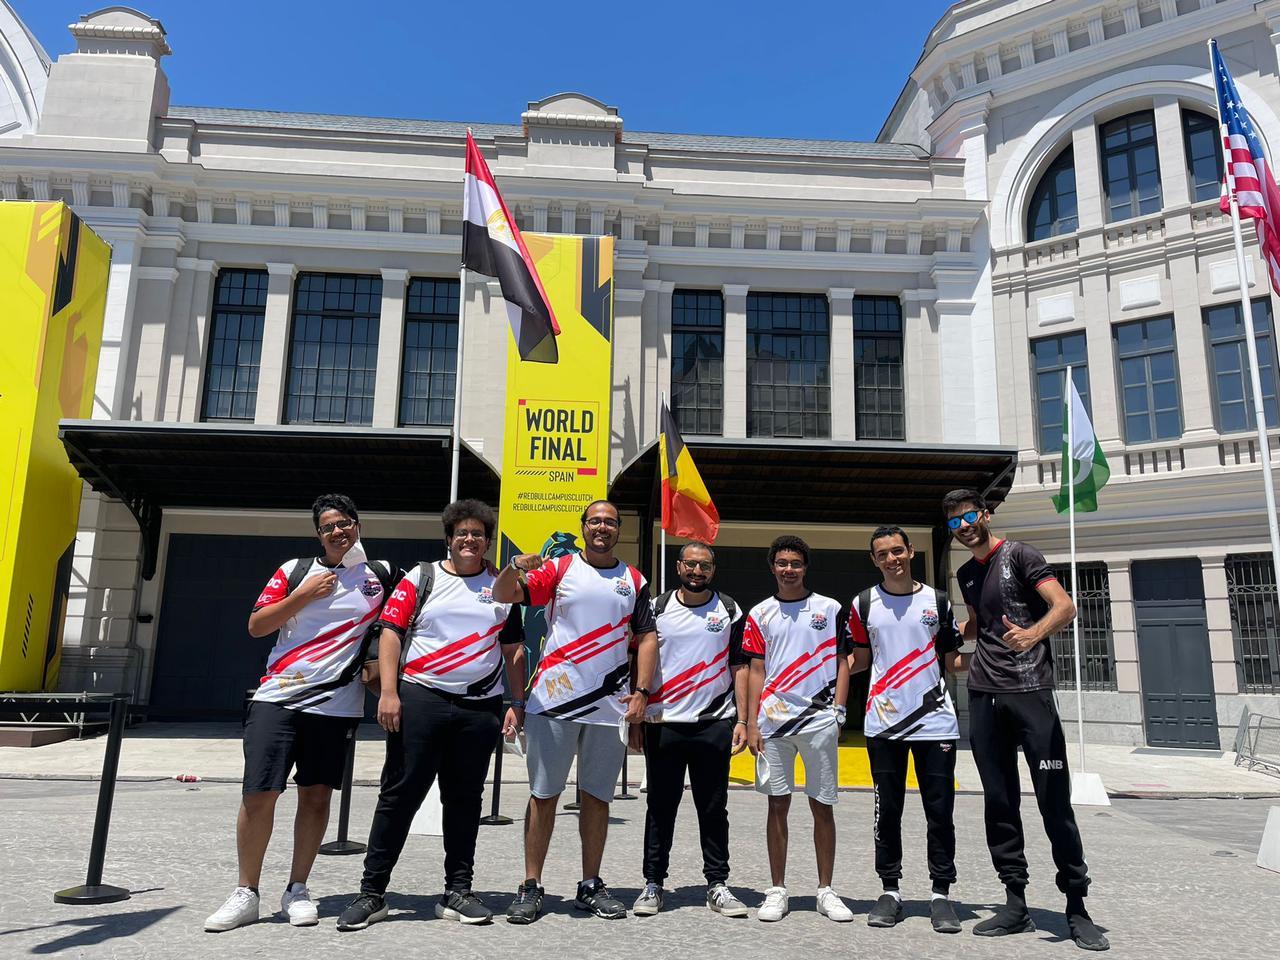 الفريق المصرى يصعد للمربع الذهبى لكاس العالم فى لعبة ( فالورانت) فى باسبانيا